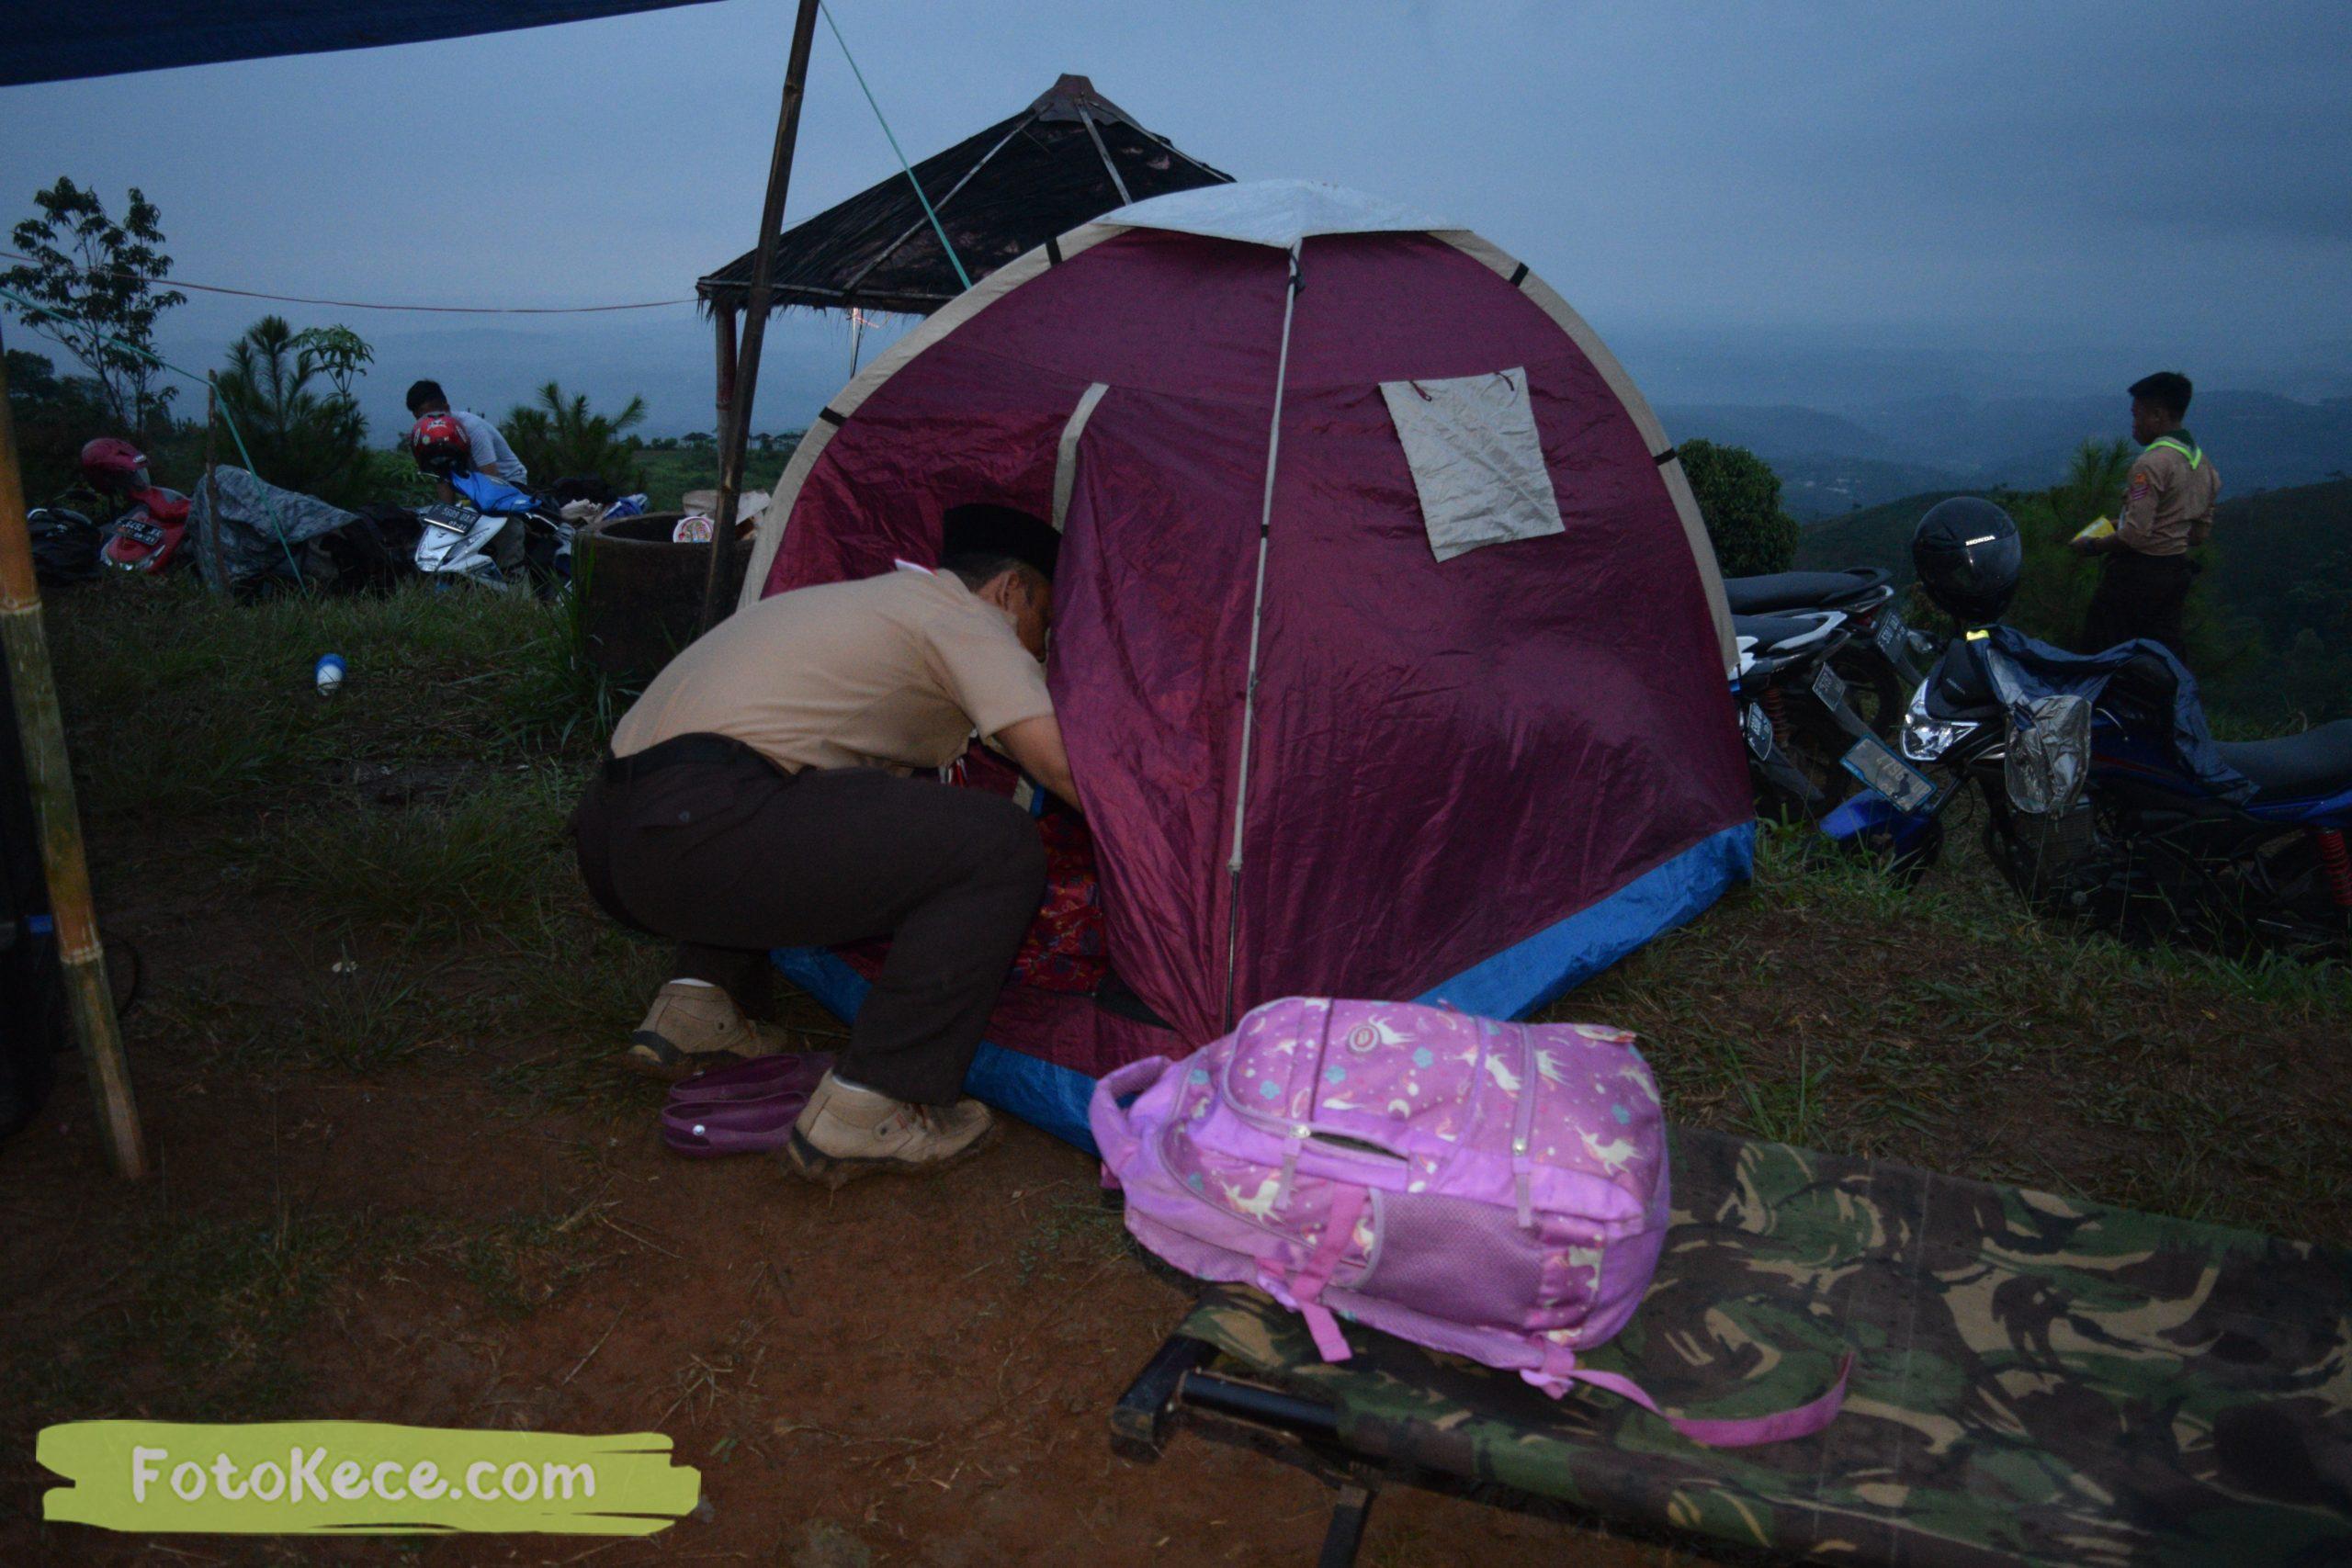 kegiatan sore malam perkemahan narakarya 1 mtsn 2 sukabumi 24 25 januari 2020 pramuka hebat puncak buluh foto kece 51 scaled